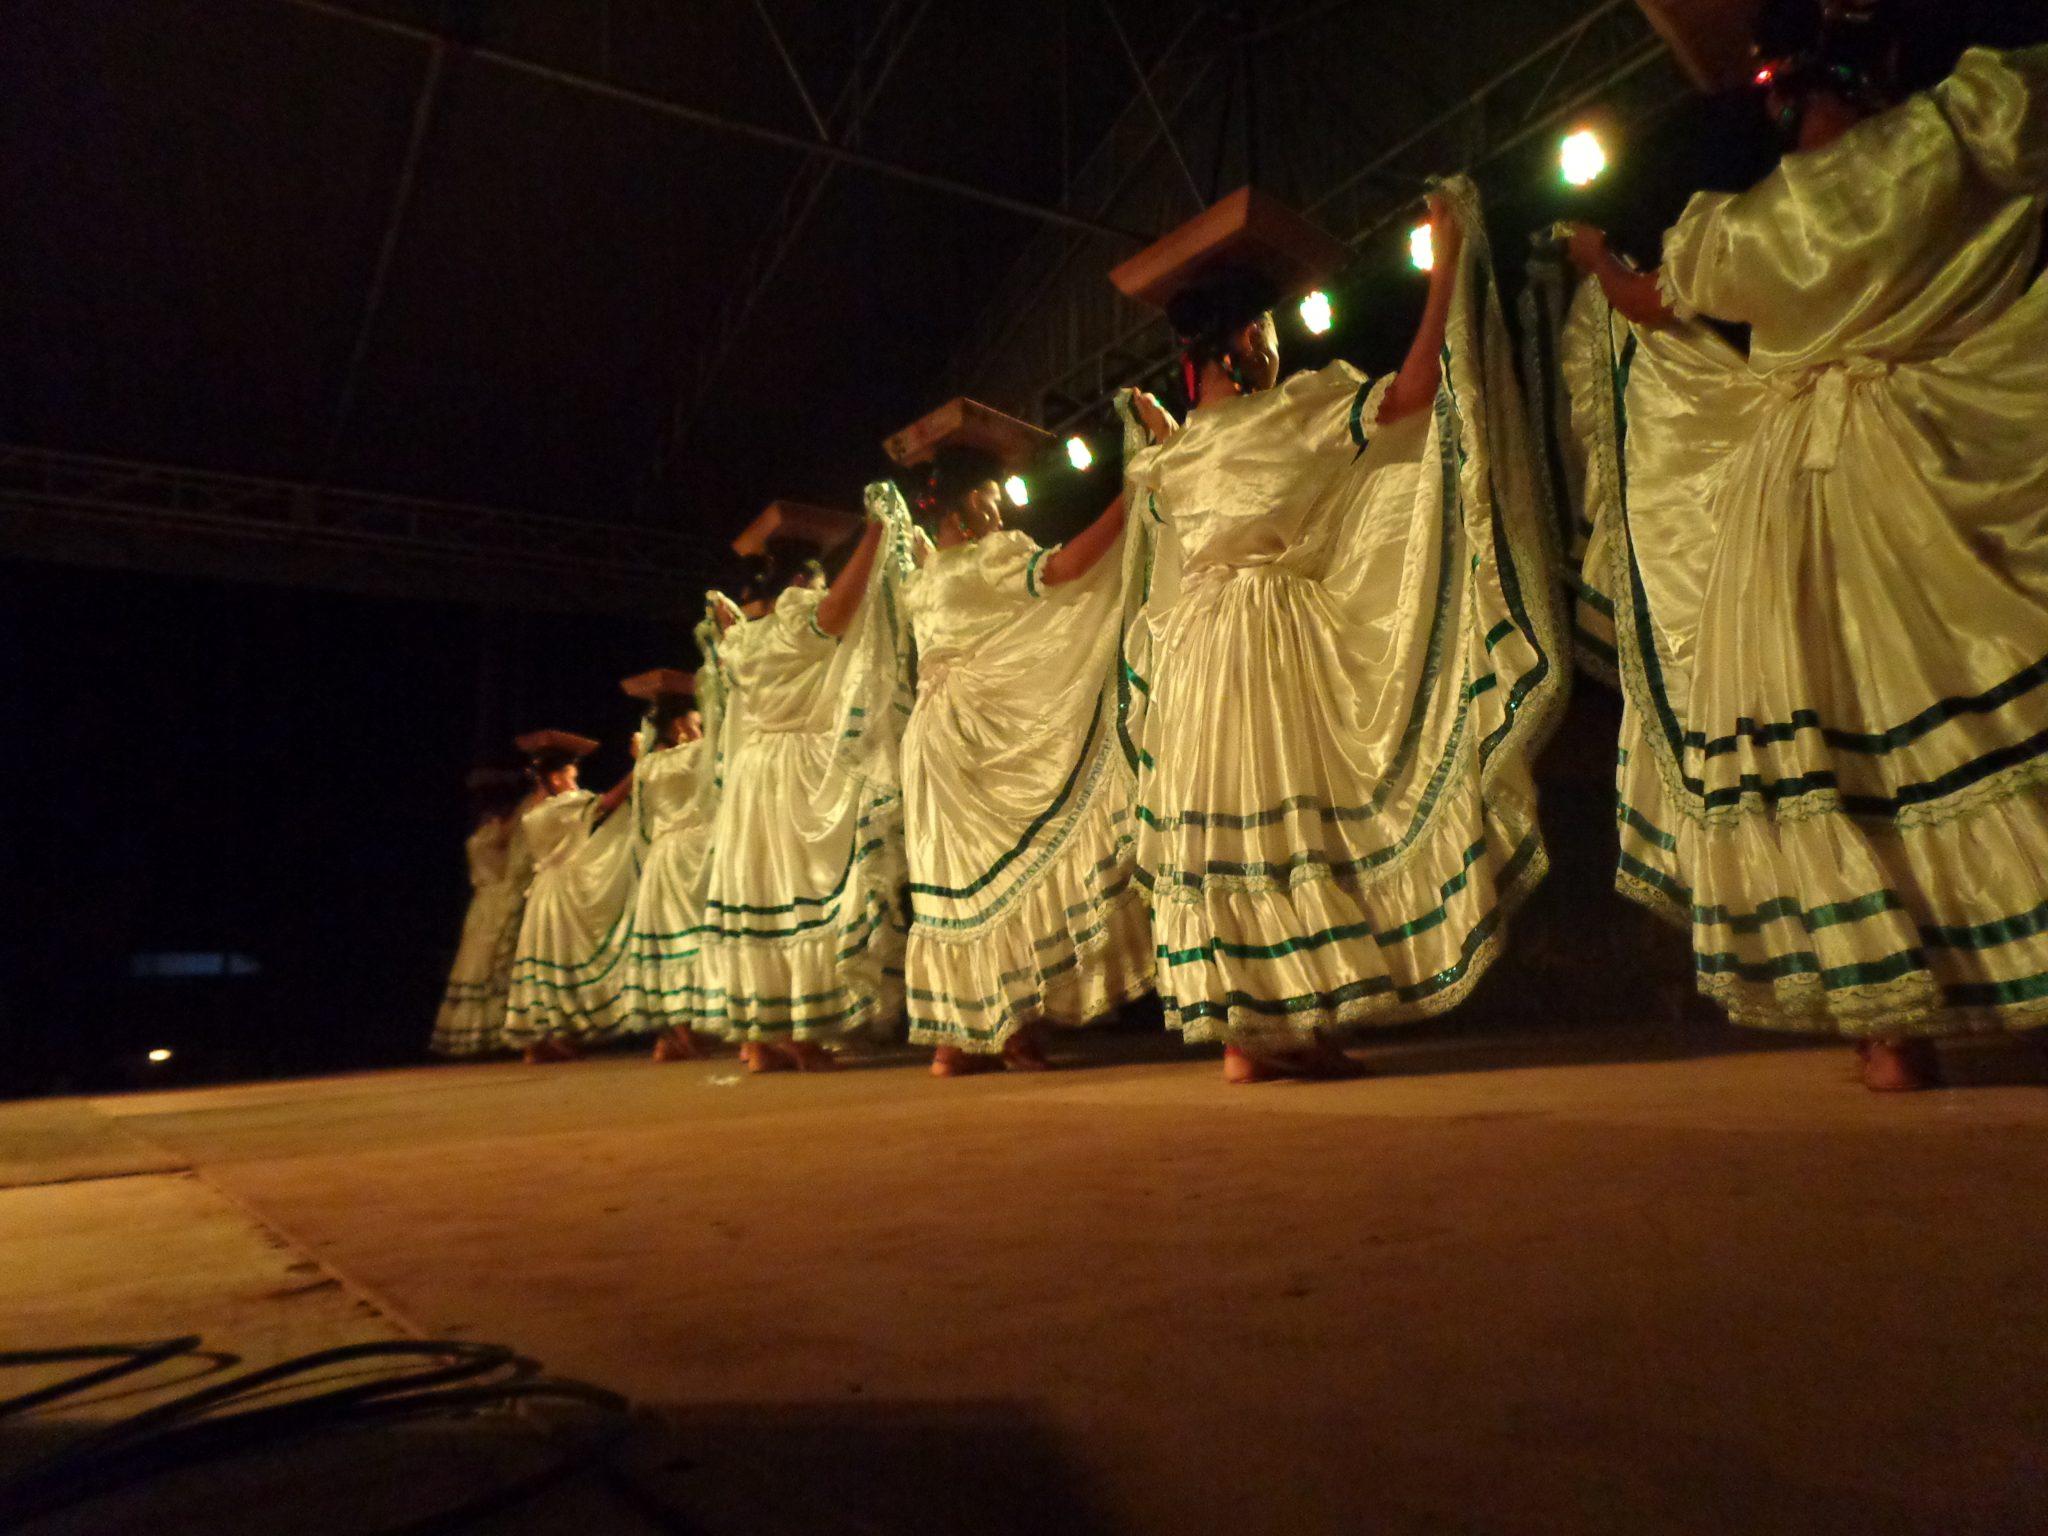 Dance in central america